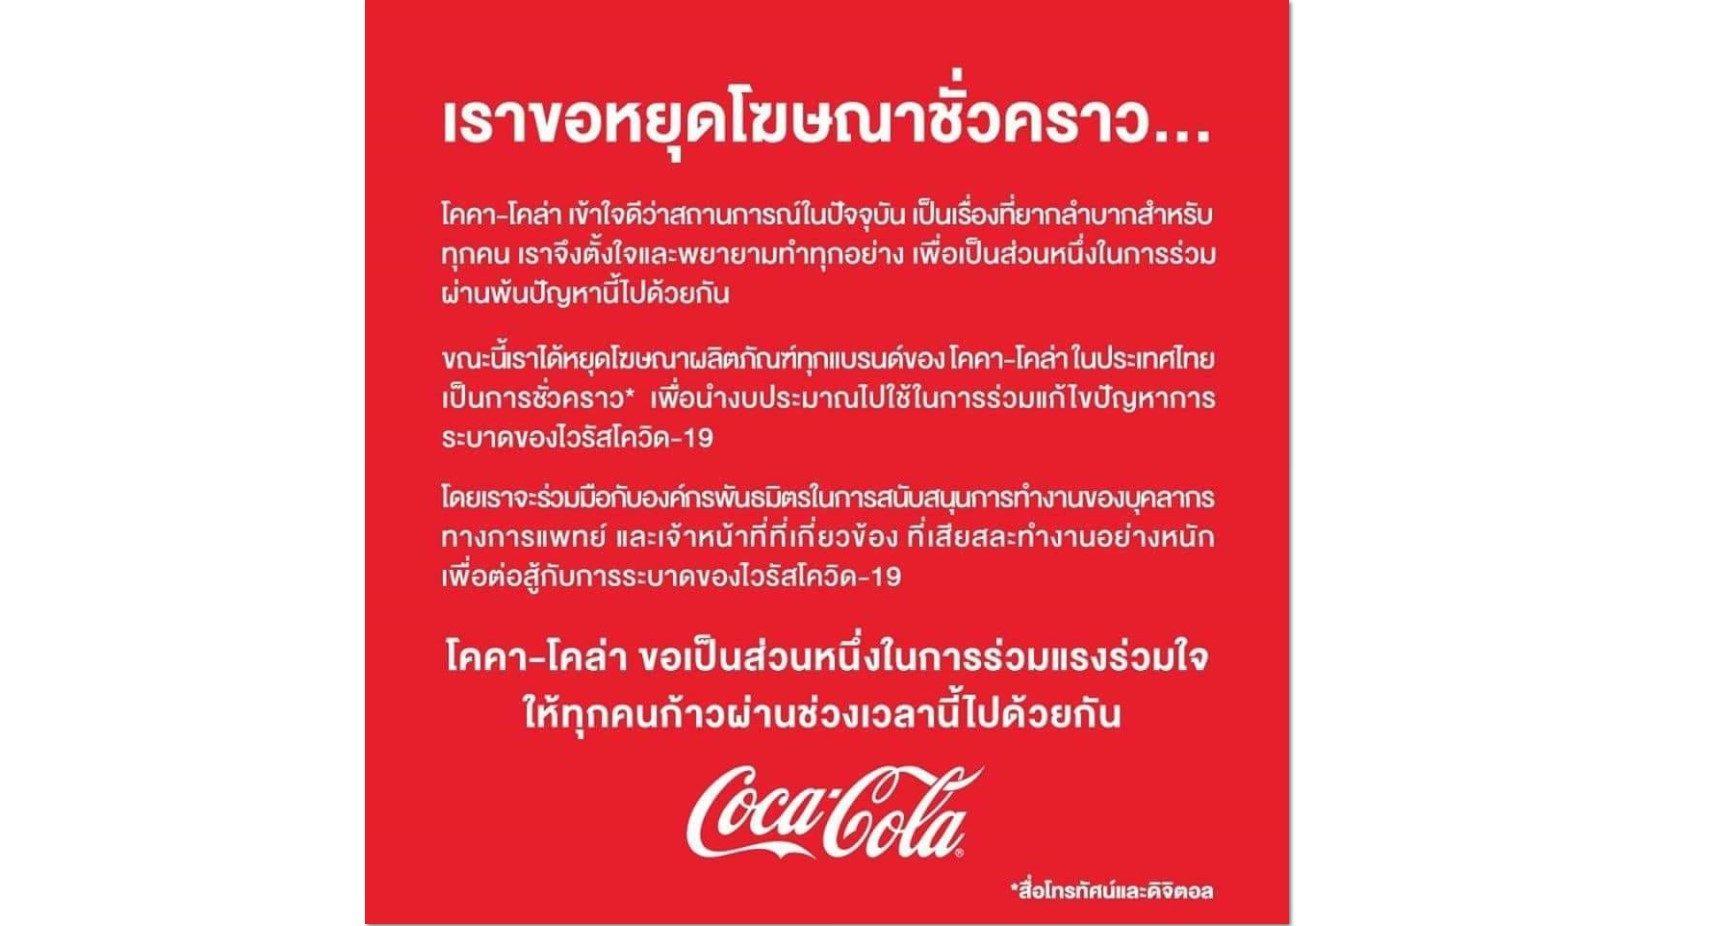 'โคคา-โคล่า' ขอหยุดโฆษณาชั่วคราว นำงบไปร่วมแก้ปัญหา 'โควิด-19'